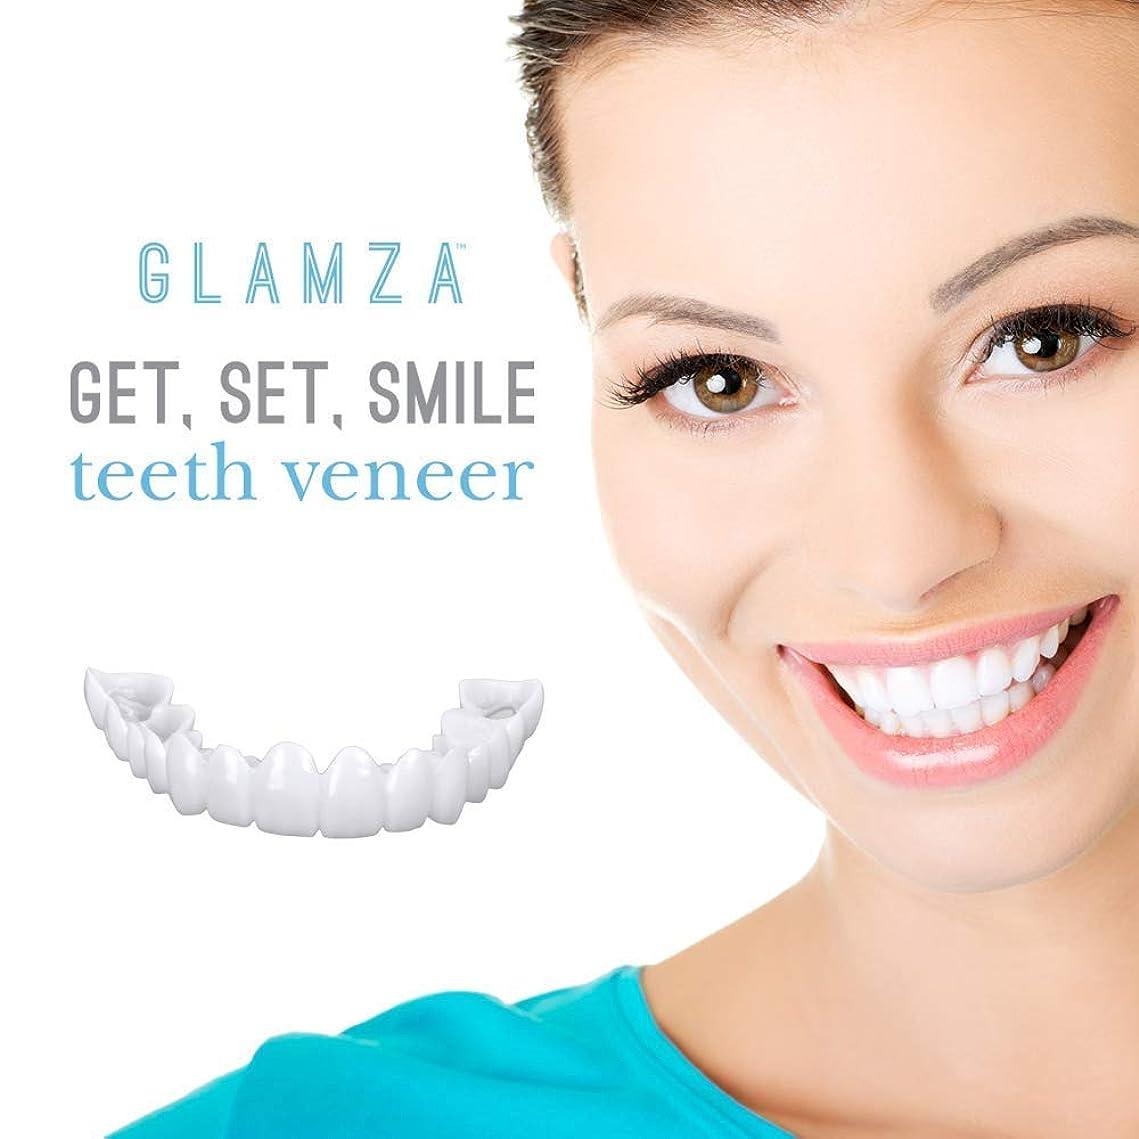 良心すり嫌な歯の化粧品快適でパーフェクトベニヤの笑顔ホワイトニング歯ブレース口腔ケア義歯(上下用),3Pairs